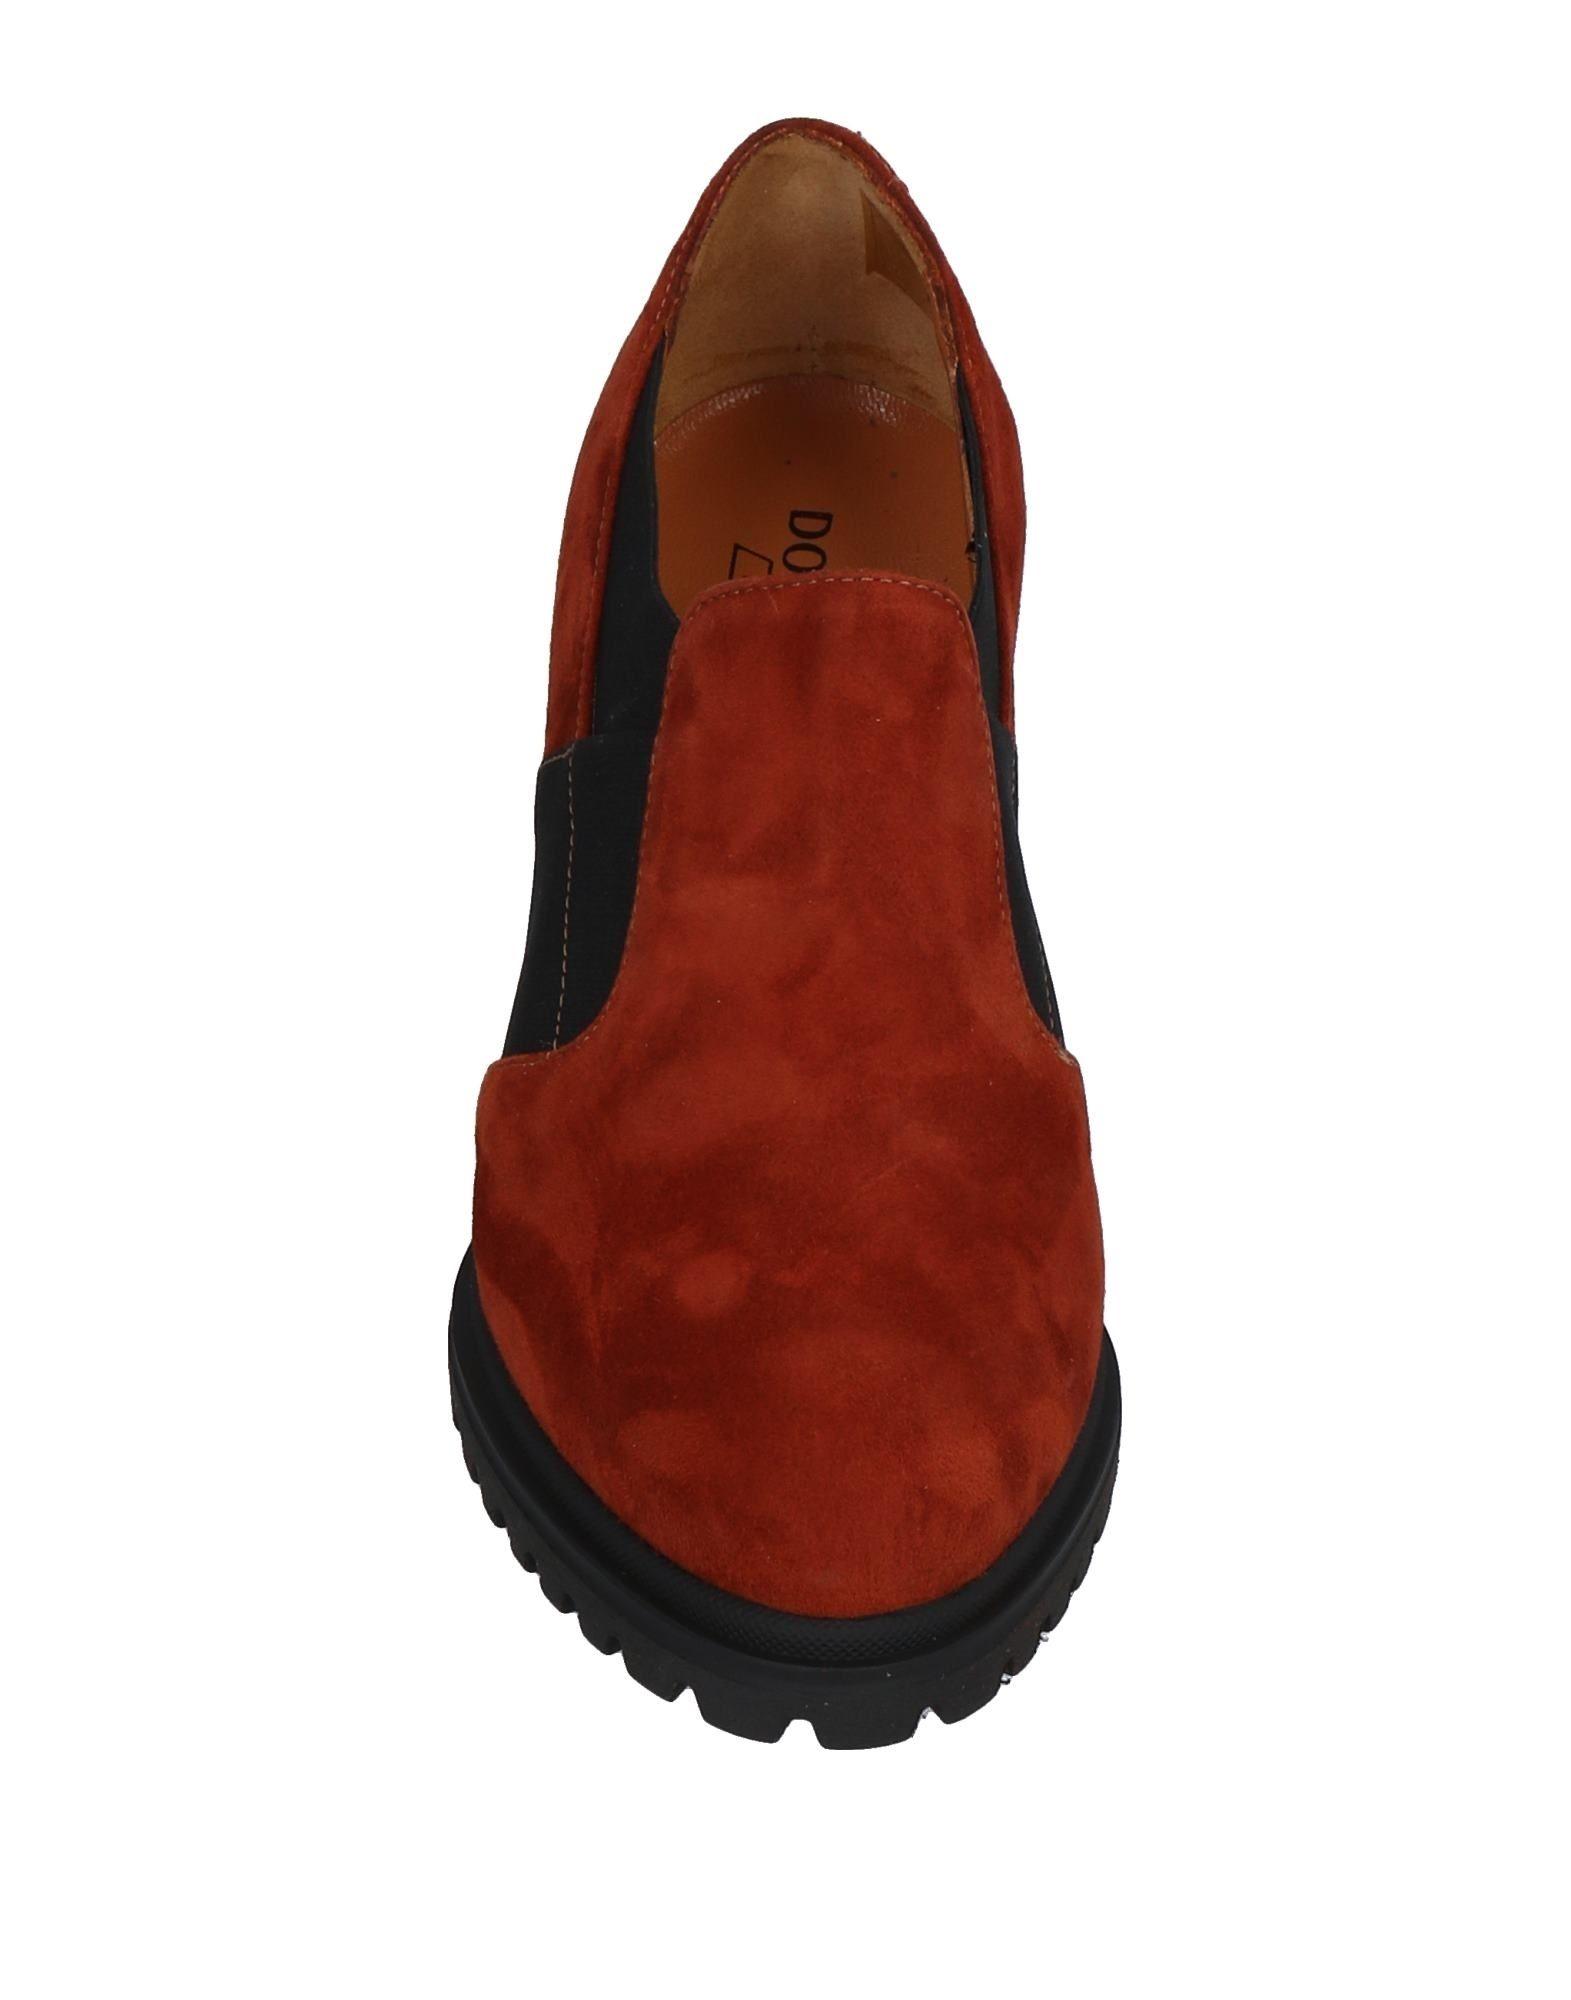 Donna Soft Mokassins Damen  Schuhe 11487185BC Gute Qualität beliebte Schuhe  c421ff